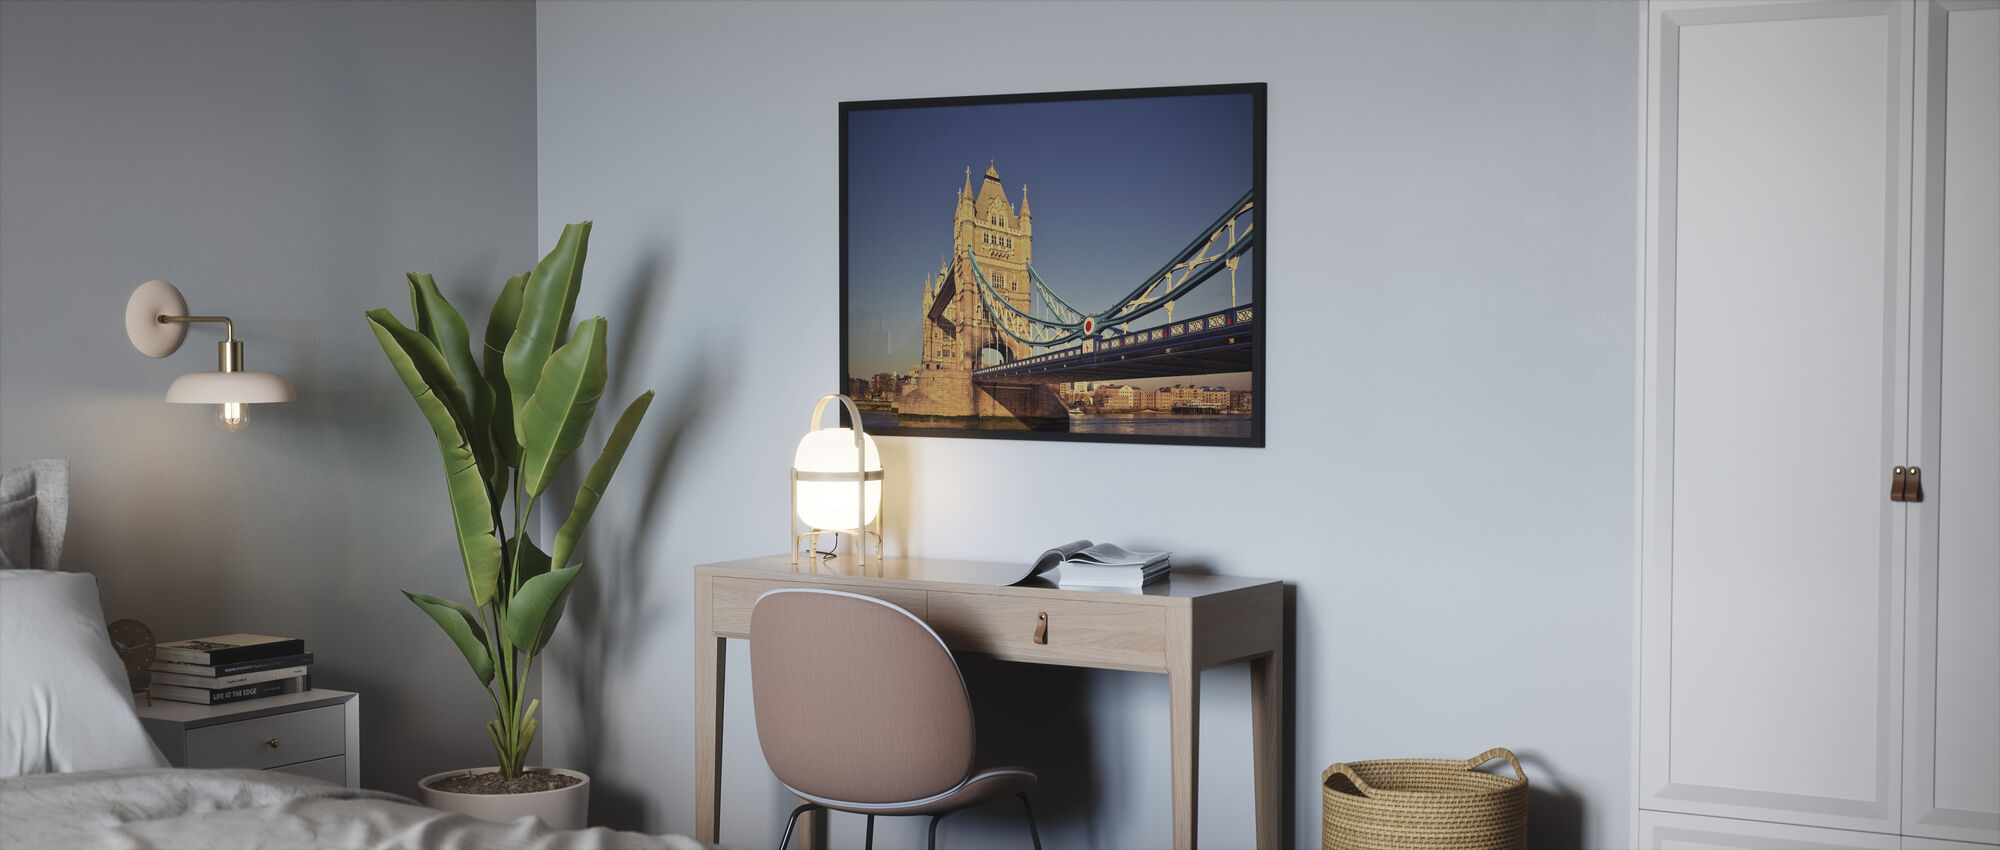 Tårnbro i solskinn - Innrammet bilde - Soverom